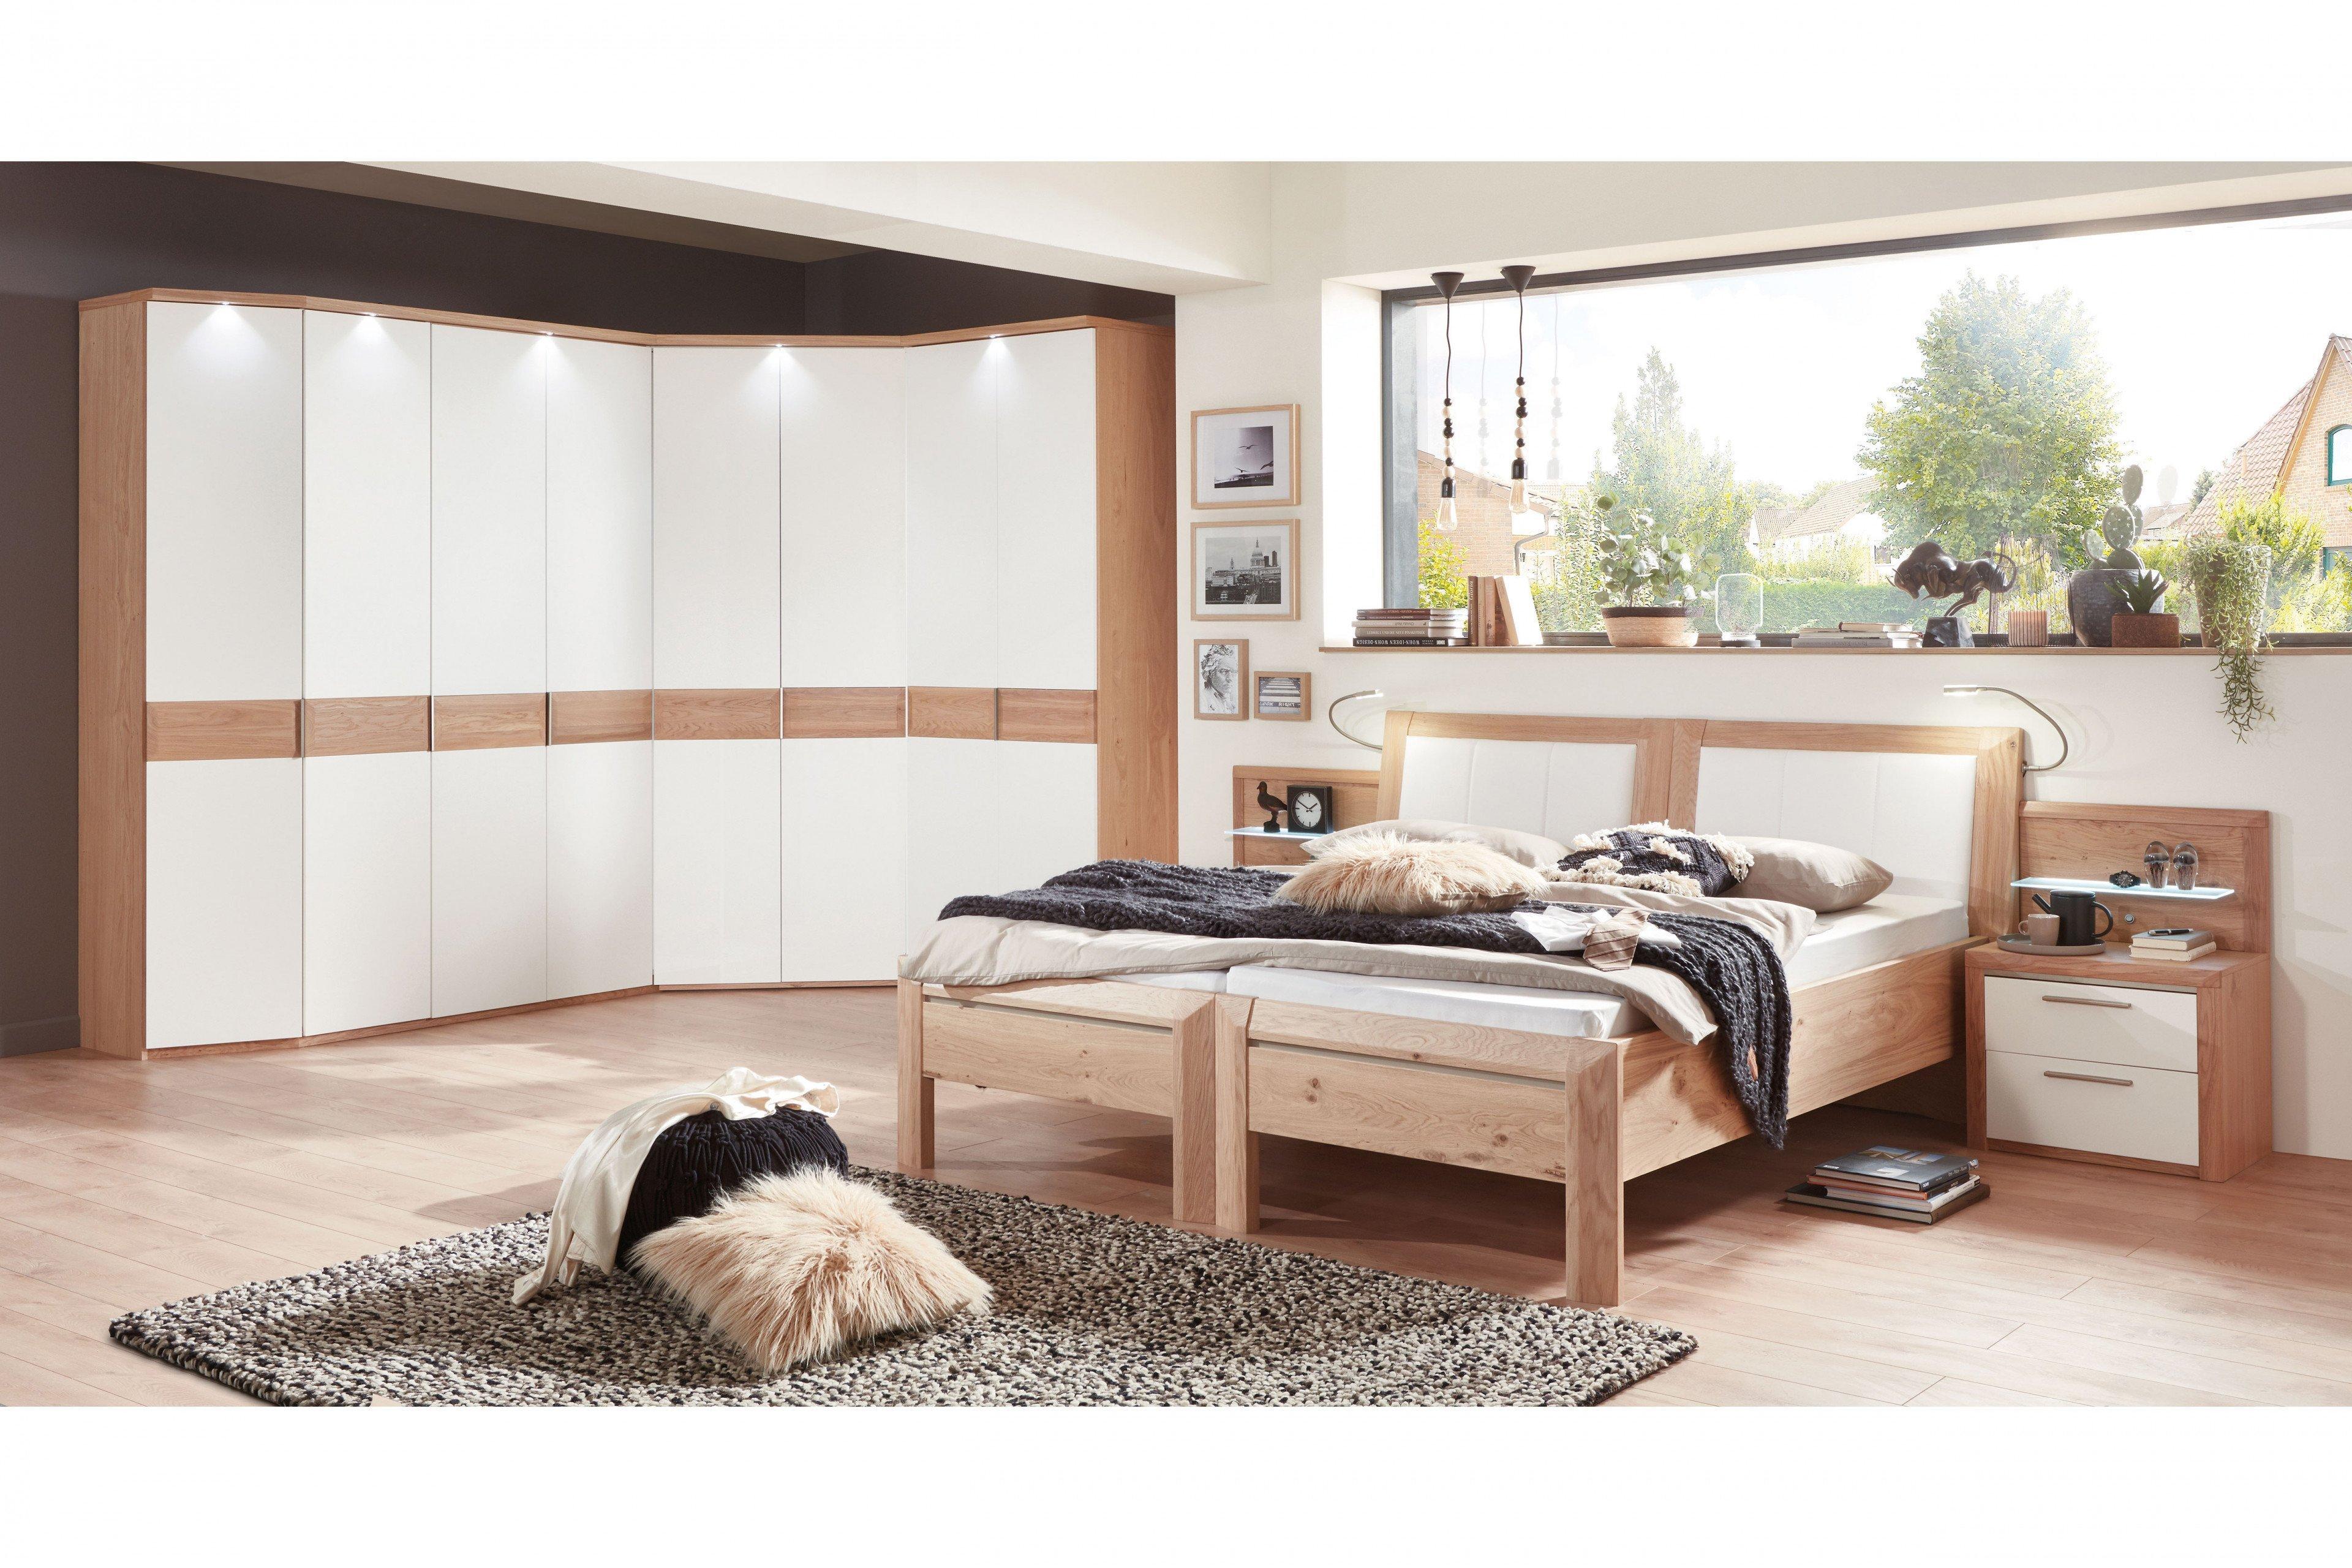 Cavalino von Disselkamp - Schlafzimmerset mit Twinbetten